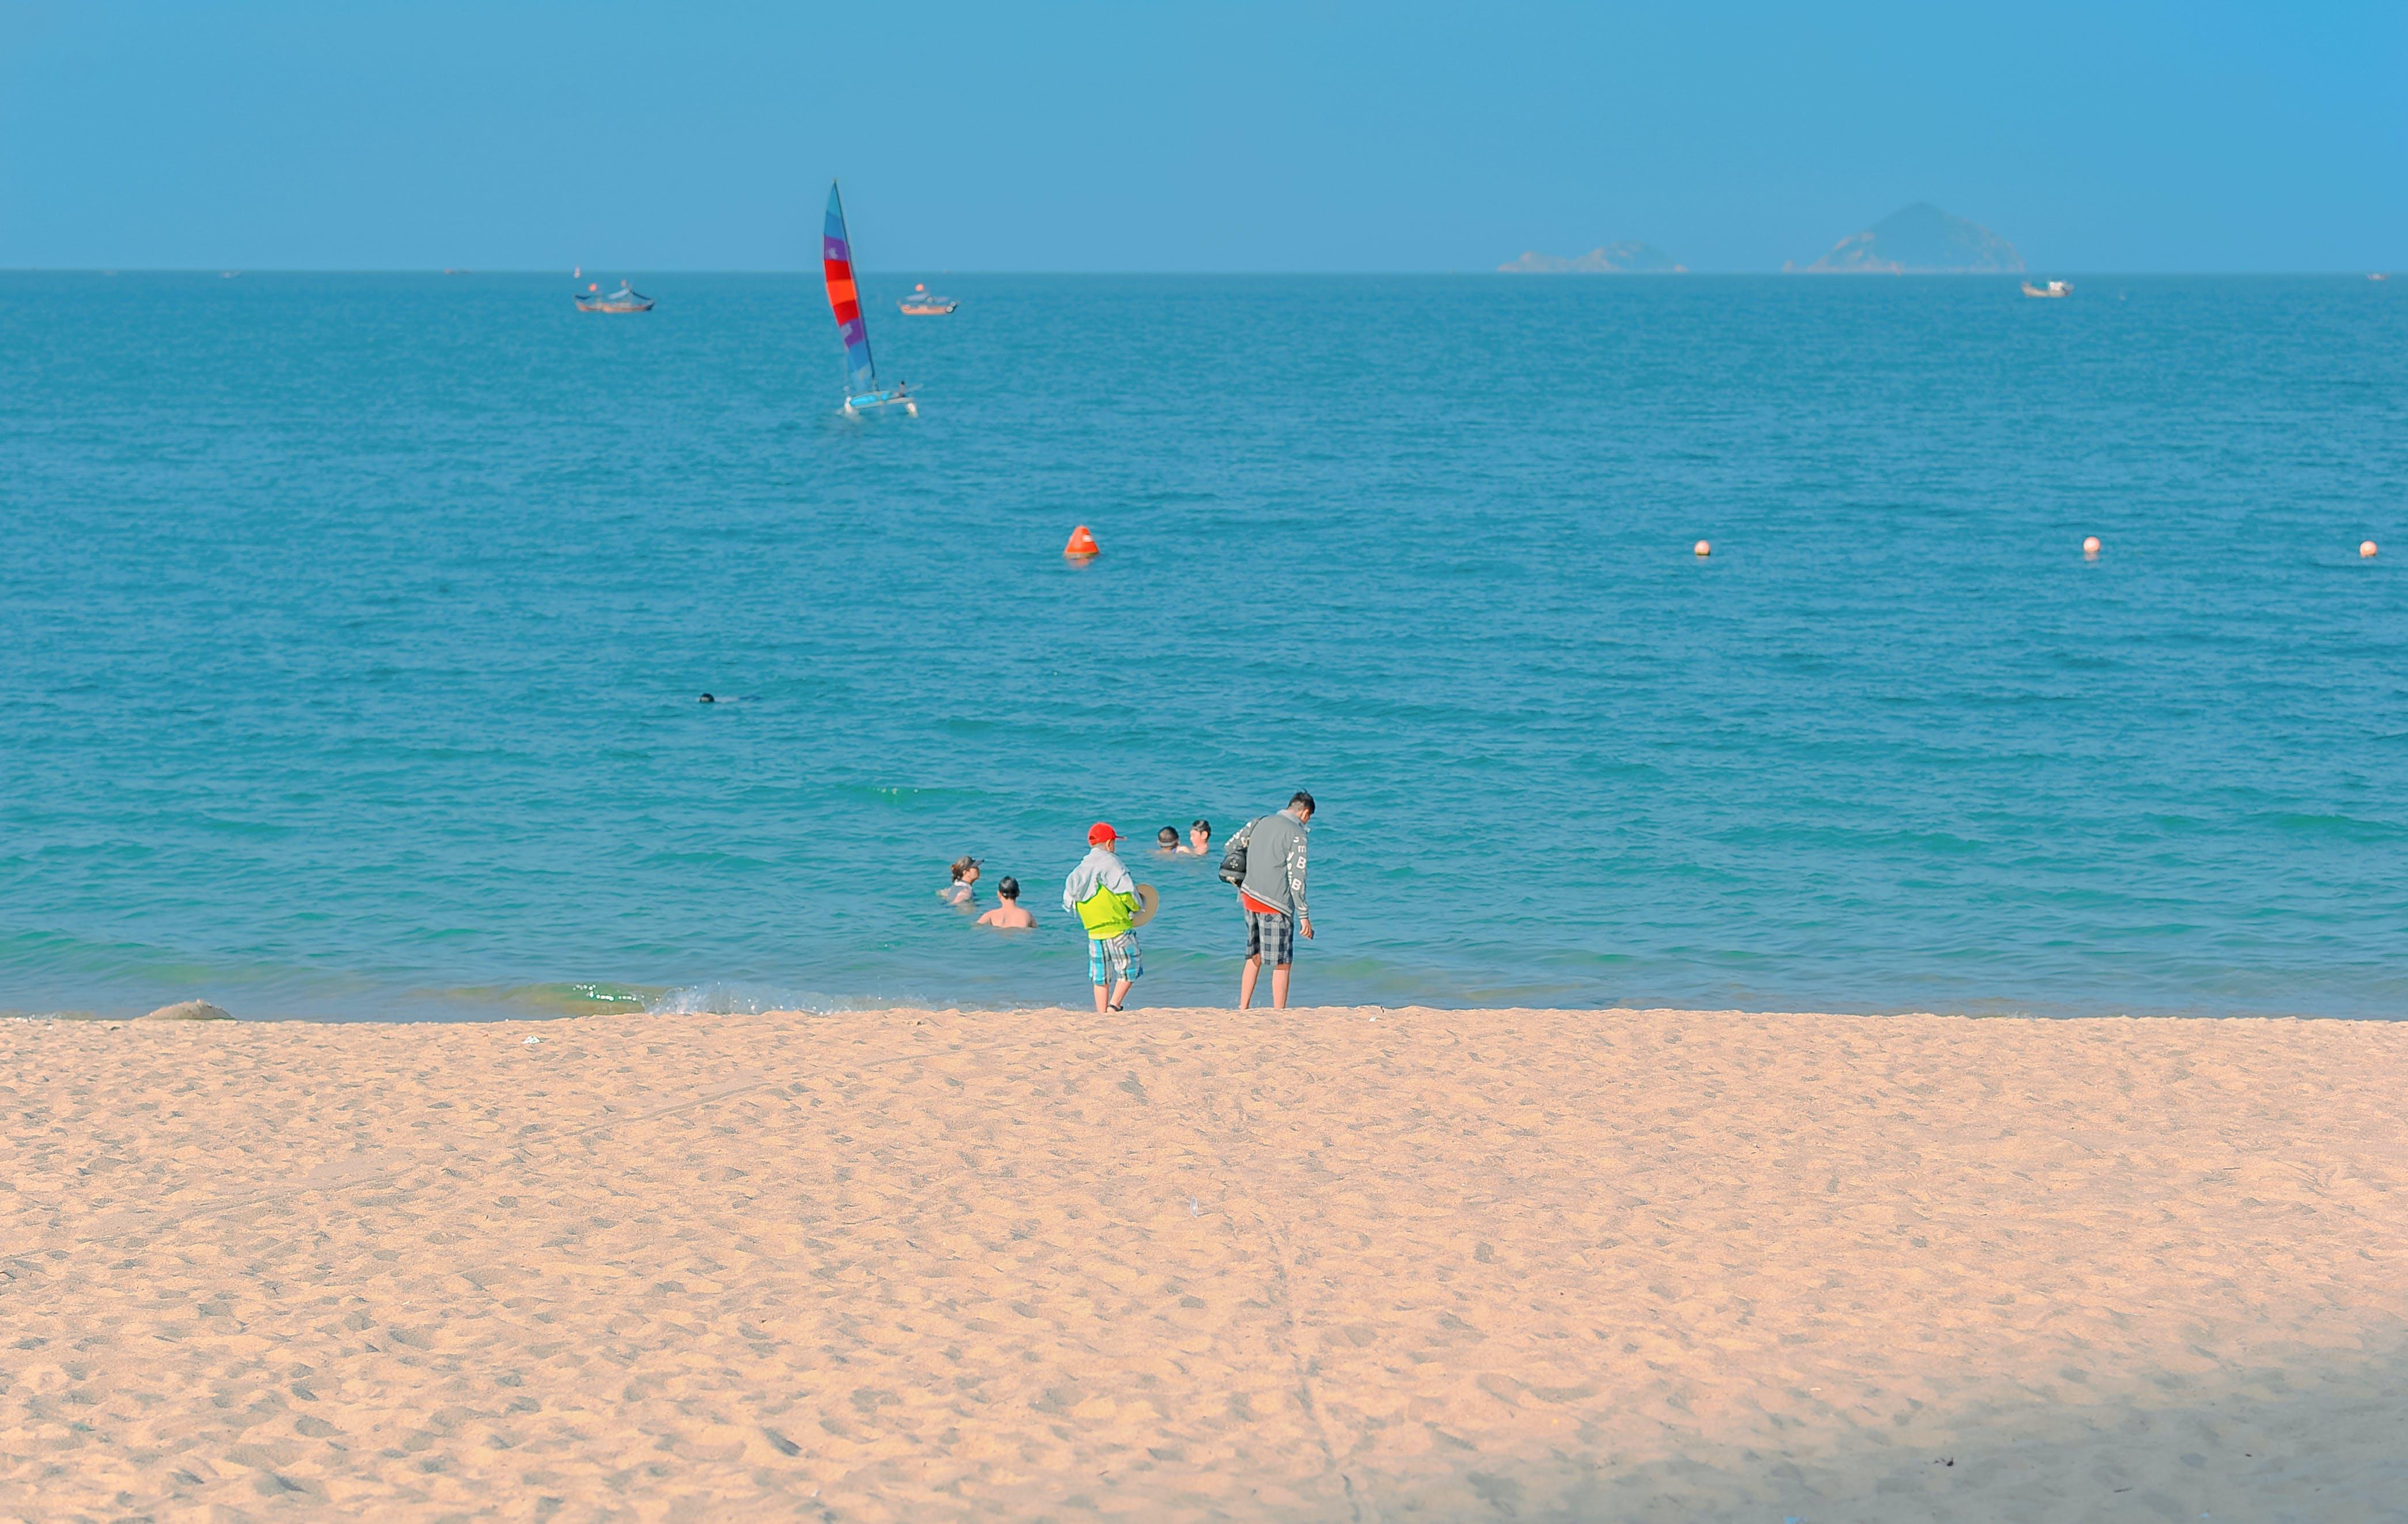 afslapning, bølger, ferie